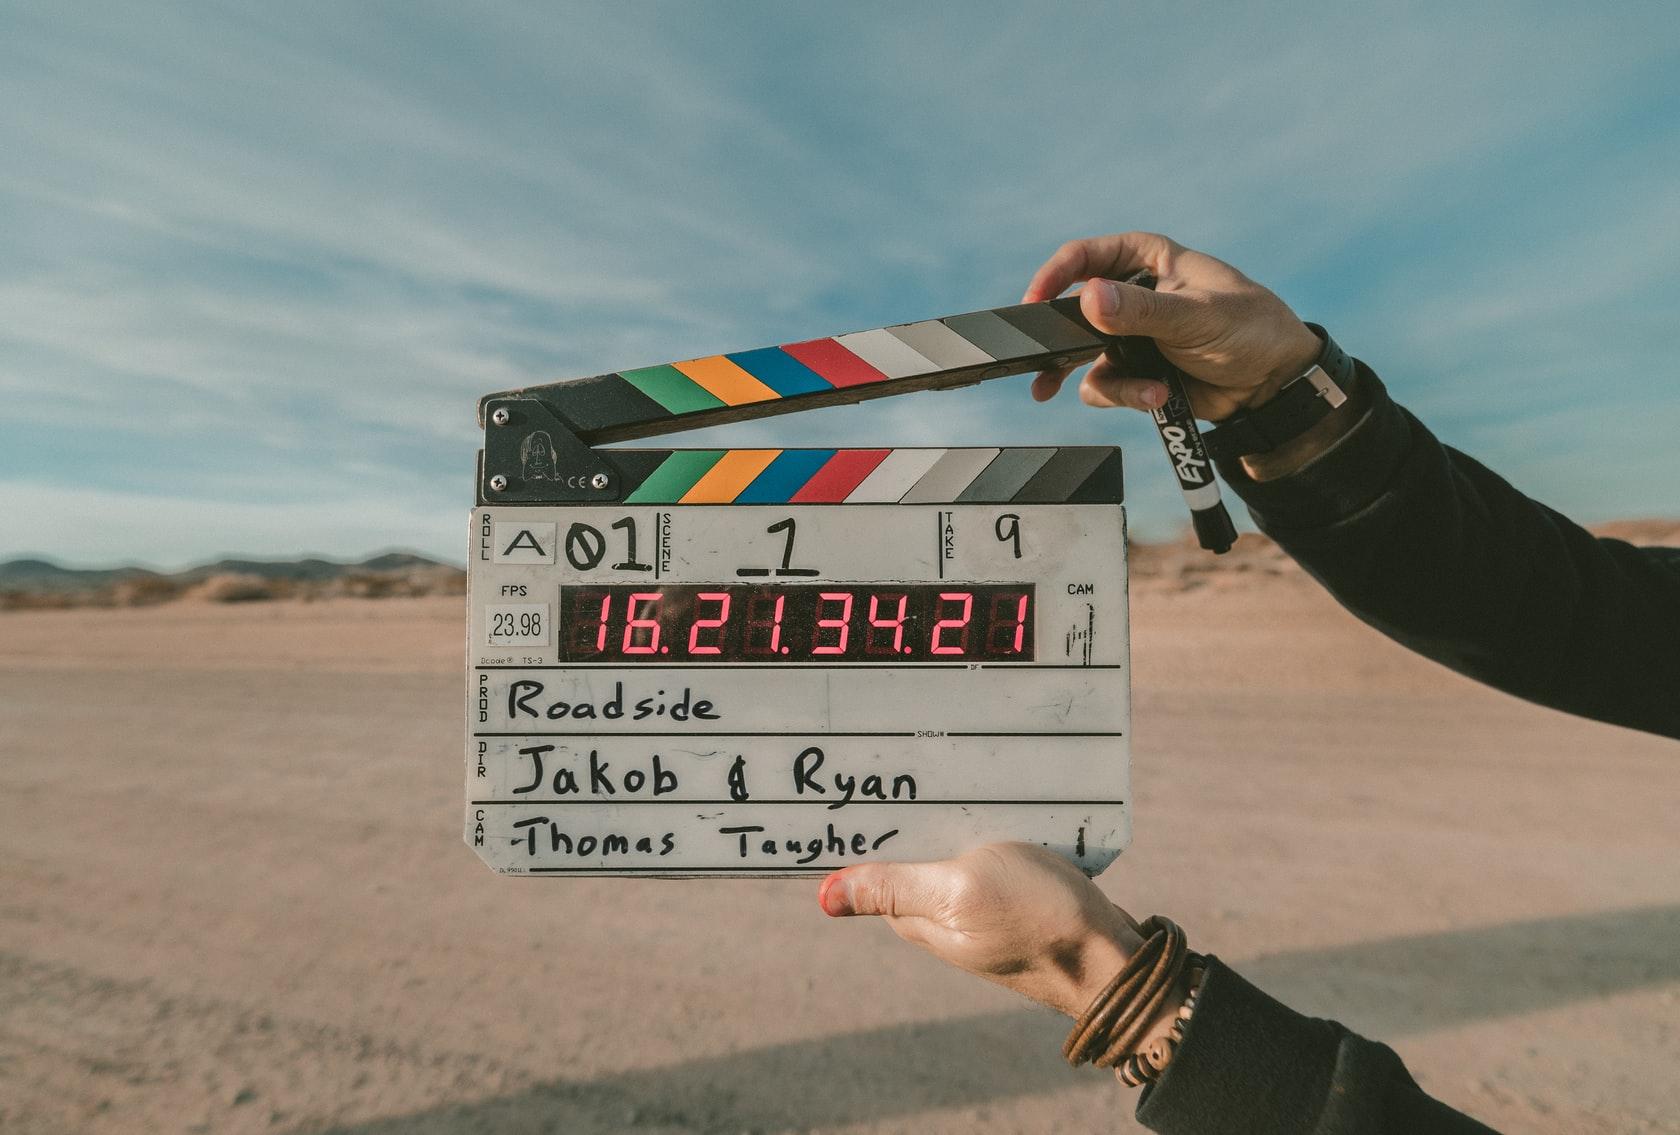 12 открытых вебинаров от зарубежных кинематографистов — с 12 февраля по 30 апреля